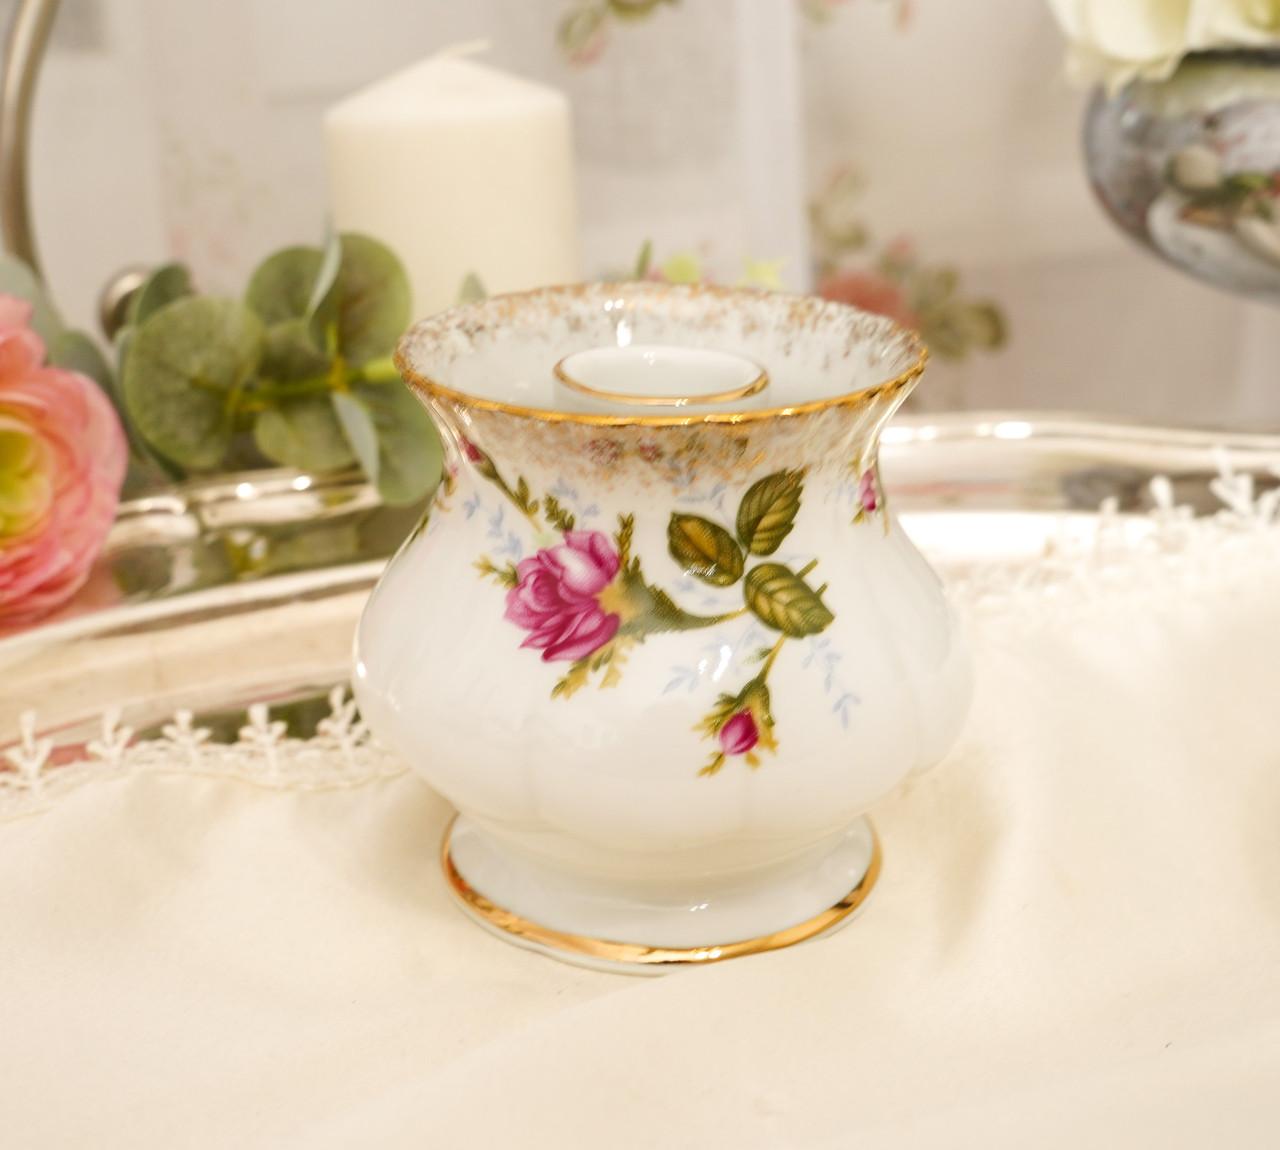 Винтажный фарфоровый ваза подсвечник, фарфор с розами, Chodziez, Польша, прованс